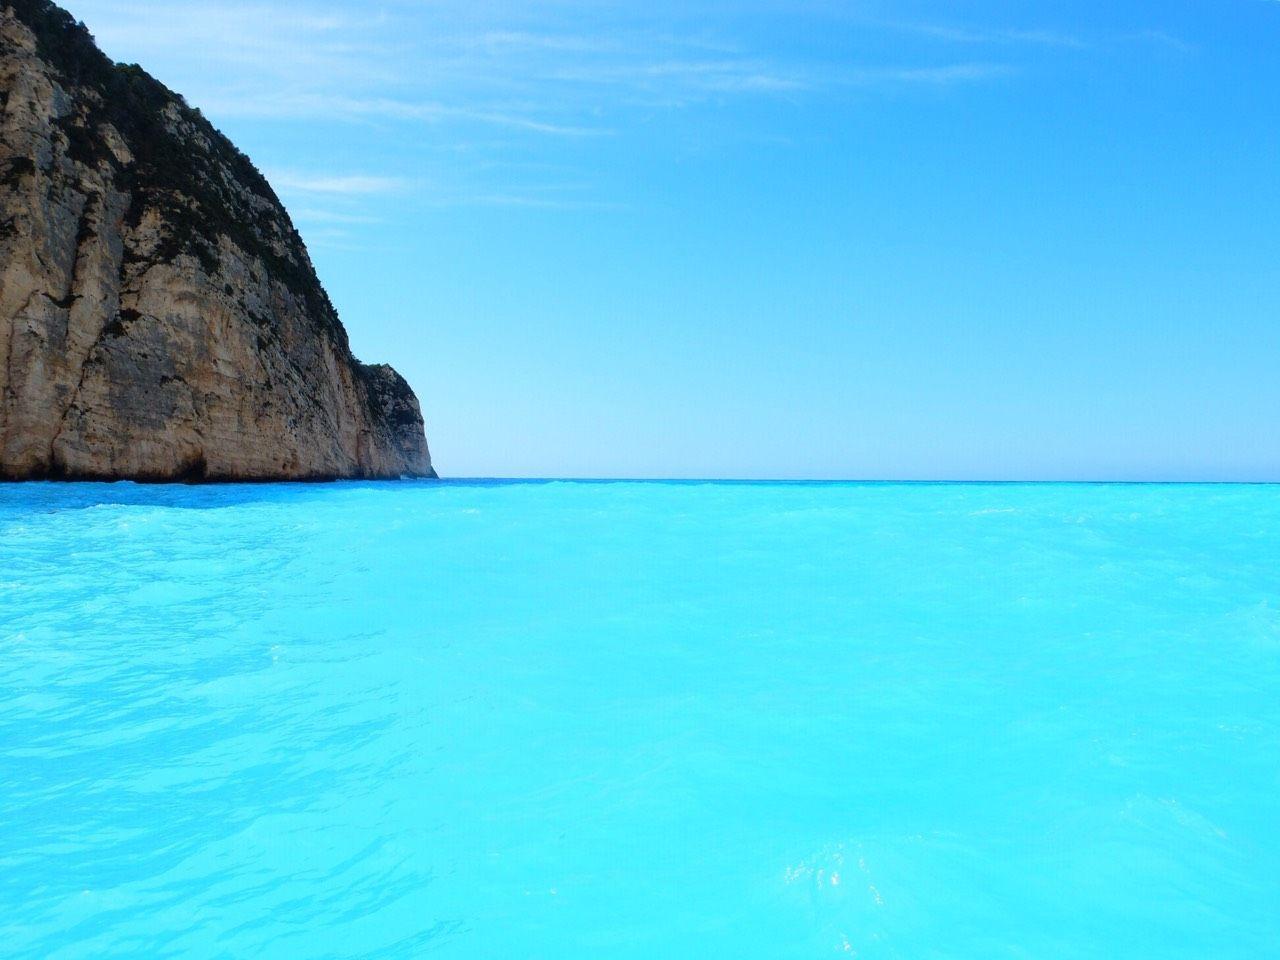 驚くべき青の世界